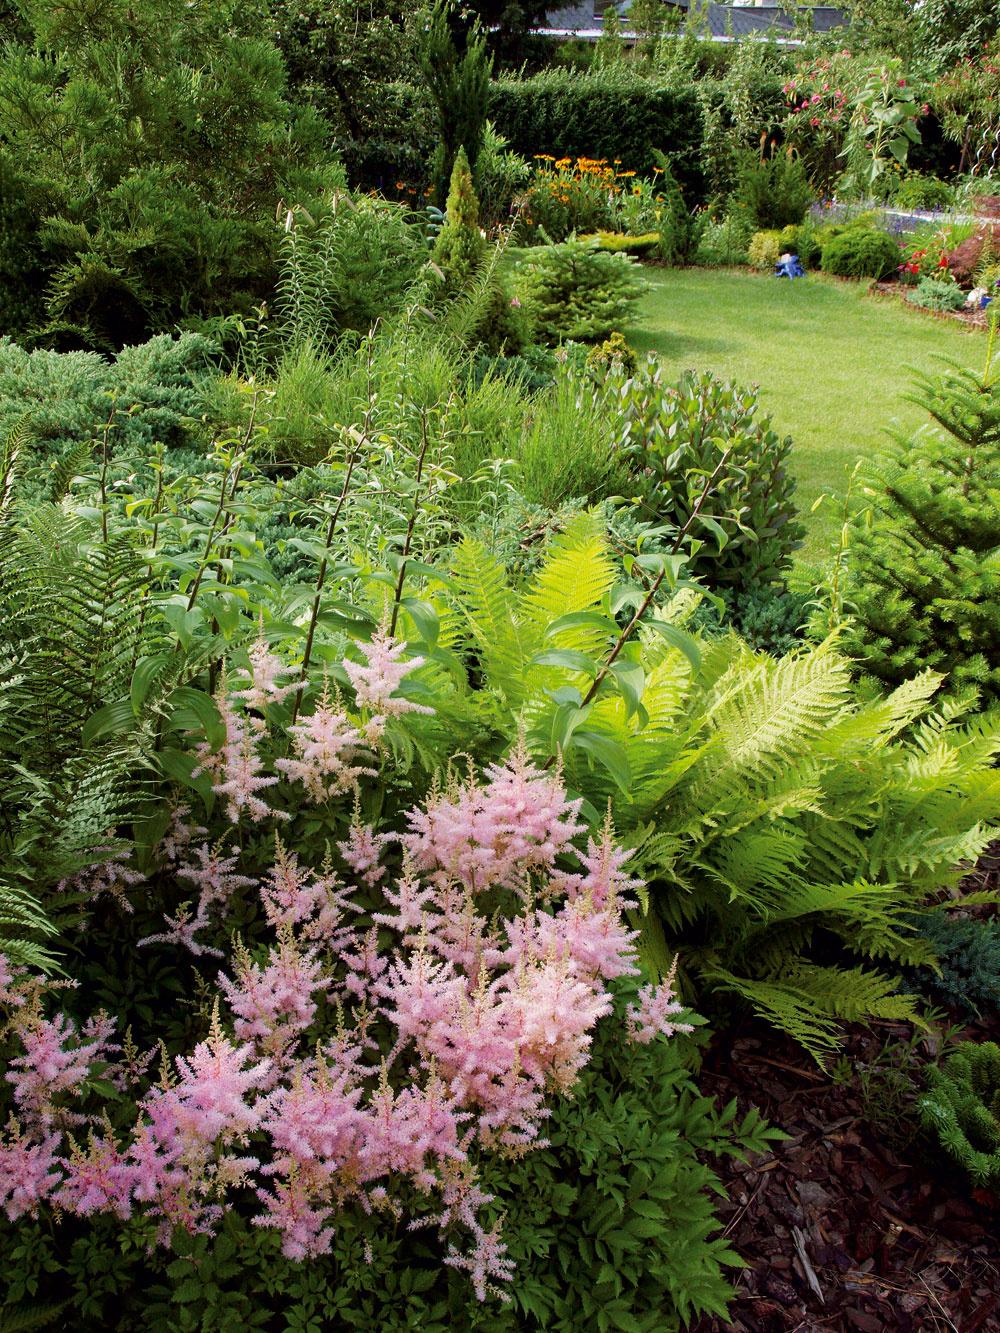 Tóny zelenej atvary listov vtieni pod stromami, medzi vždyzelenými krami aihličnanmi, ozvláštňuje jemnou ružovou subtílna astilba 'Erika'. Ak sa jej darí, vie sa vytiahnuť aj do výšky jedného metra. Miluje vlhko apolotieň, atak je jej skvelým záhradným partnerom papraď, nazývaná aj čertovo rebro. Táto prastará rastlina akoby sa na istý čas zo záhrad vytratila, no vposledných rokoch ju ľudia znovu objavili pre atraktívny tvar jej rebrovitých listov apomerne skromné nároky na životné podmienky. Legendárna, večne zelená papraď nikdy nekvitne – množí sa výtrusmi.